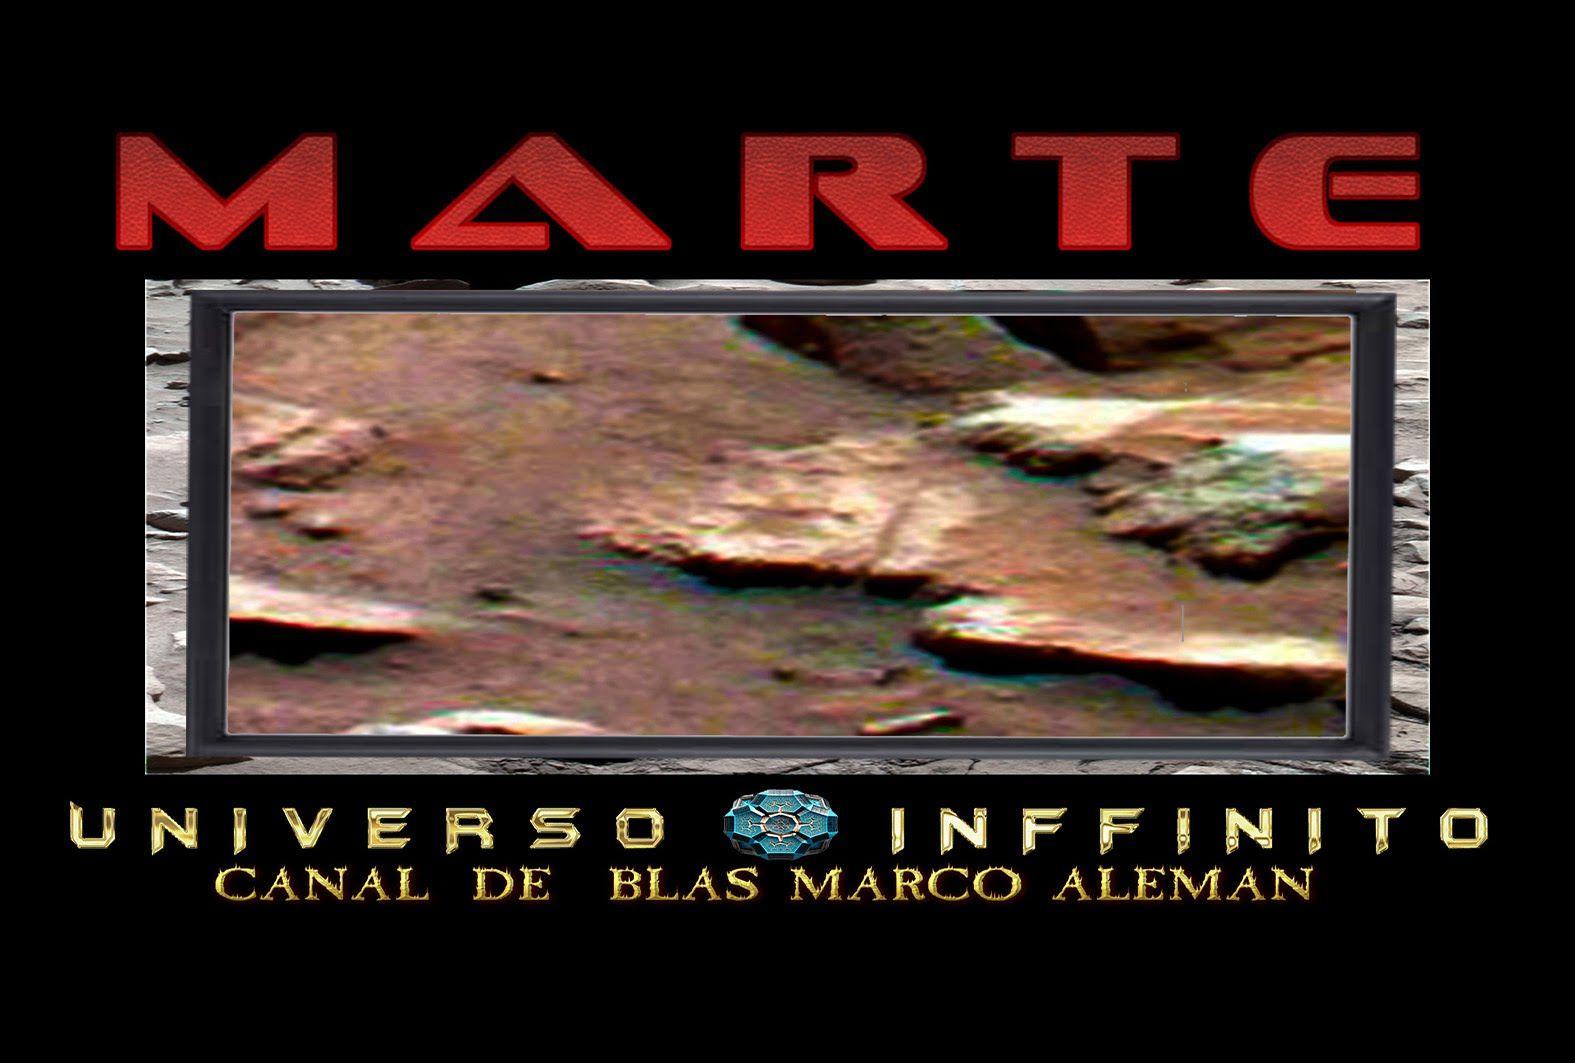 Nueva Imagen de Nasa muestra una Estrella de cinco puntas en MARTE/Rover...